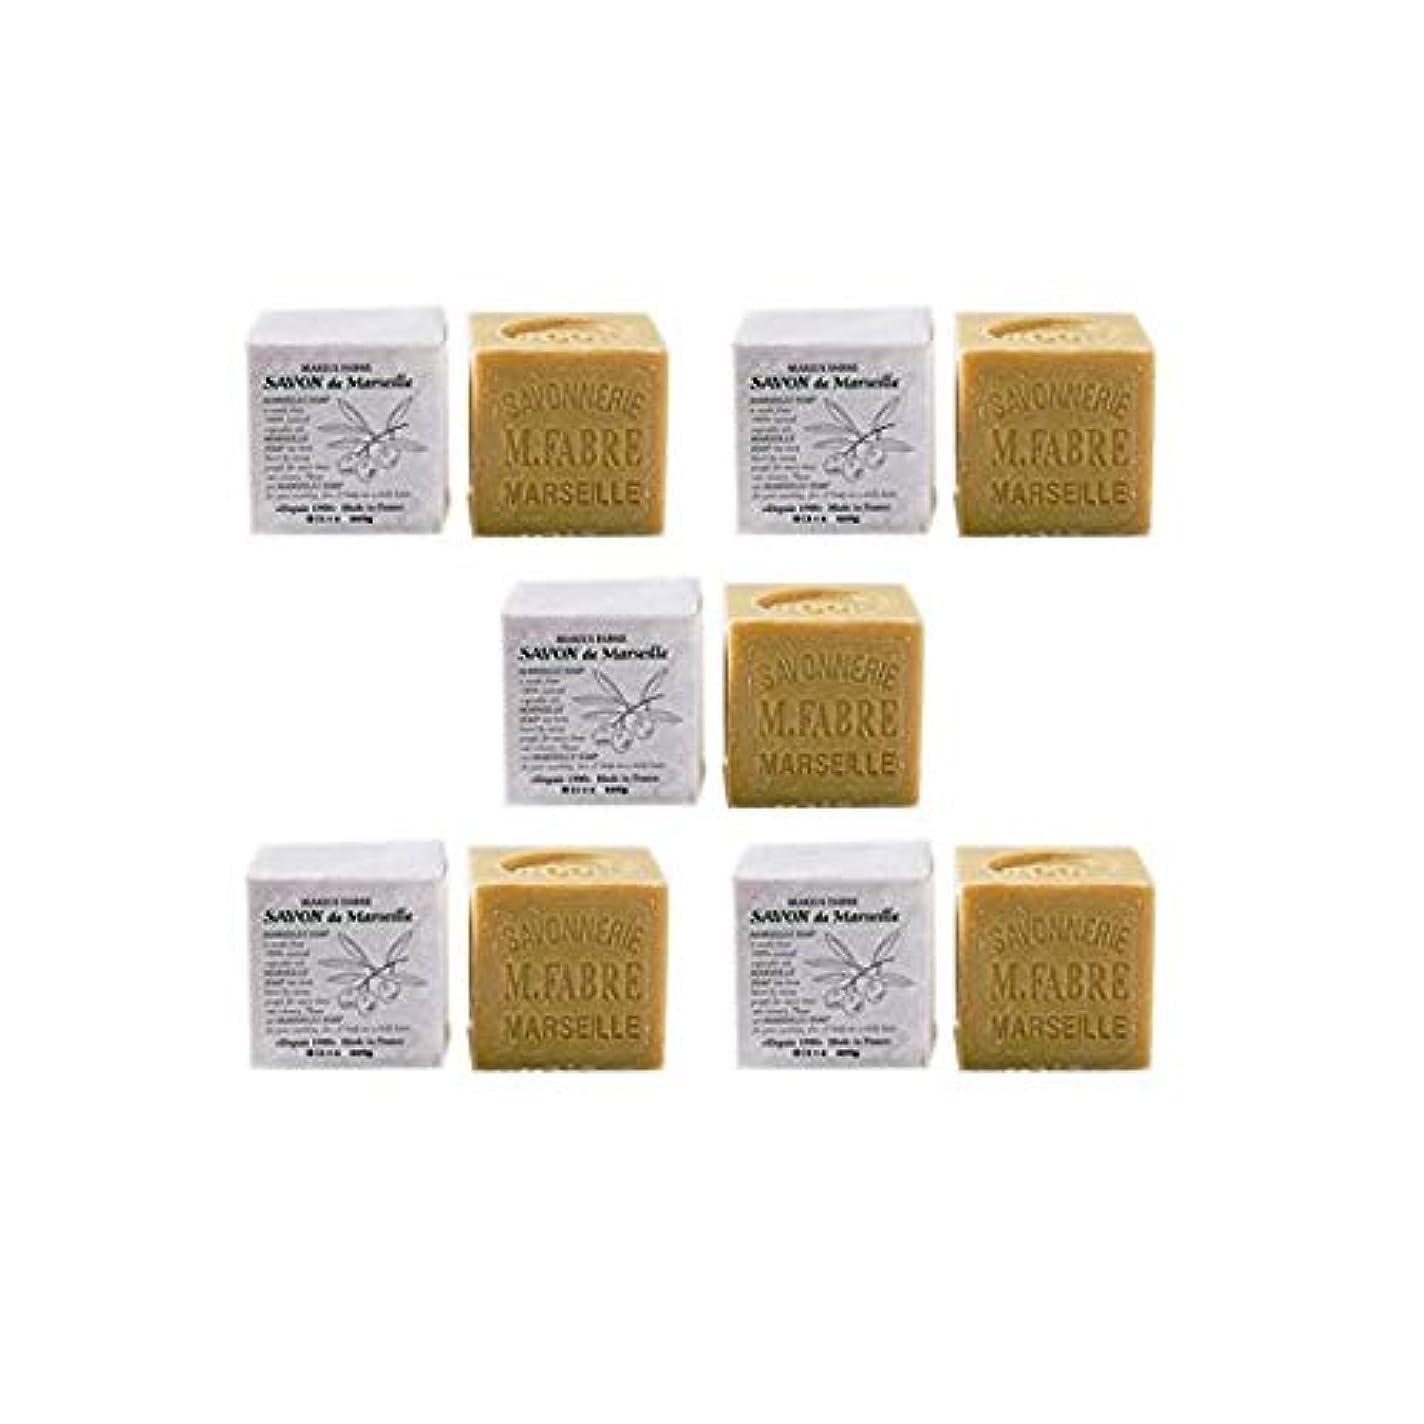 舌なありがたい寝るマリウスファーブルジューン サボンドマルセイユ無香料200gオリーブN 5個セット(200g×5個)無添加オリーブ石鹸